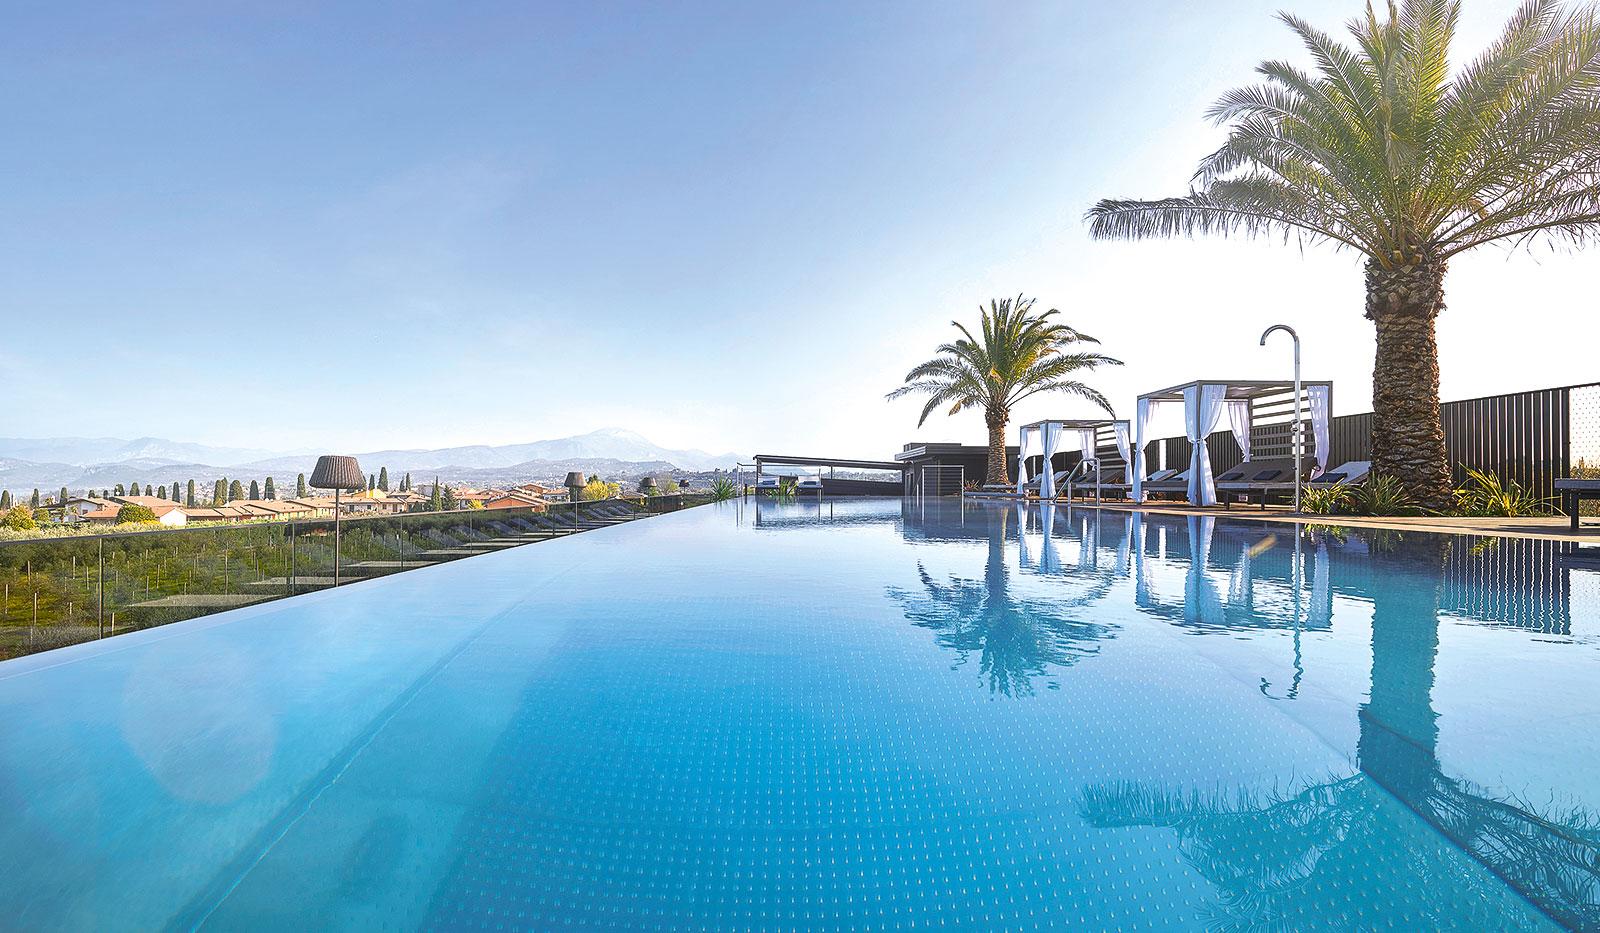 Außenpool umgeben von Palmen des Quellenhof Luxury Resorts Gardasee